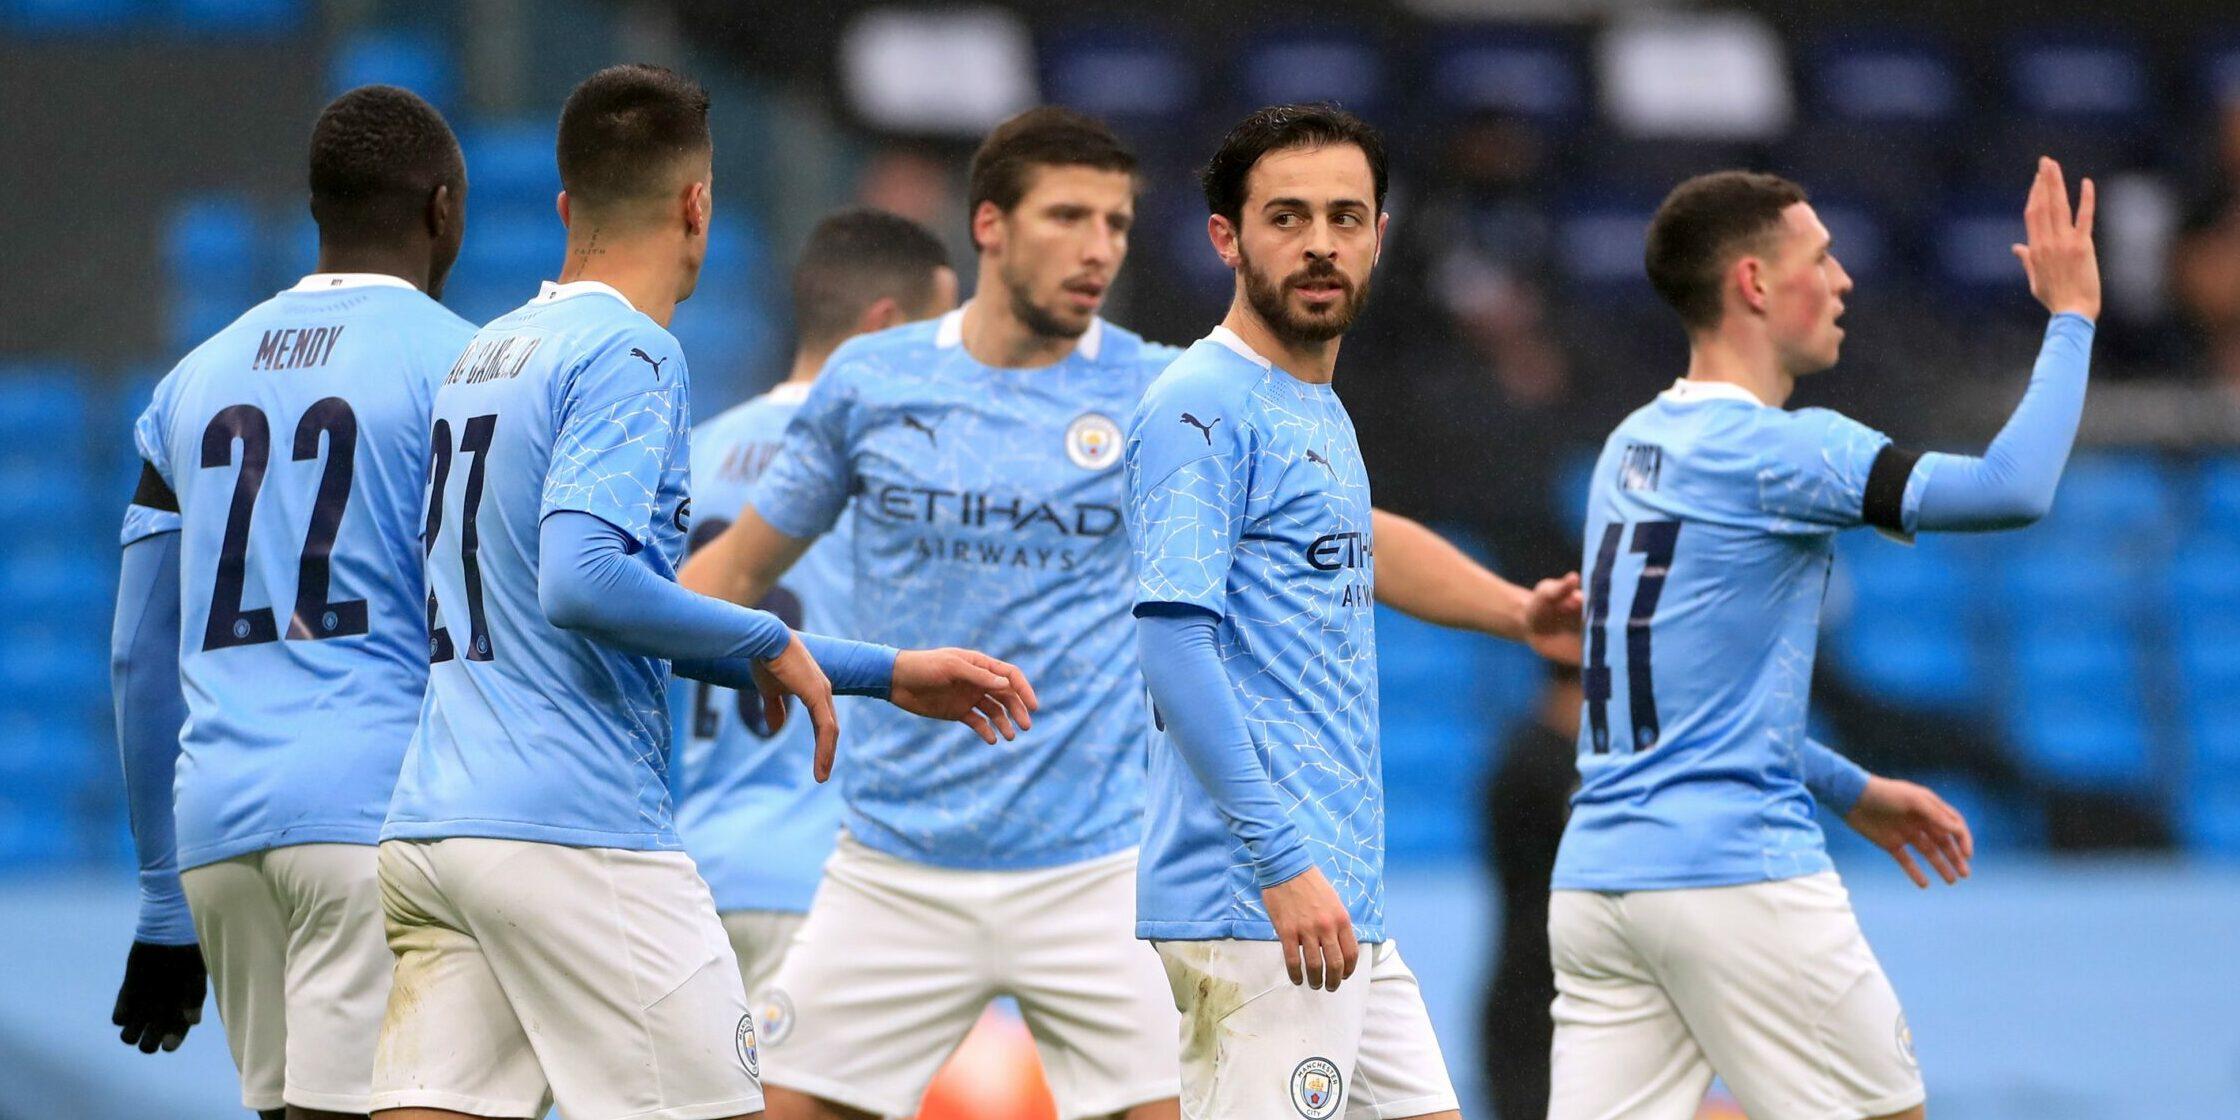 Els jugadors del City celebren el gol | Europa Press